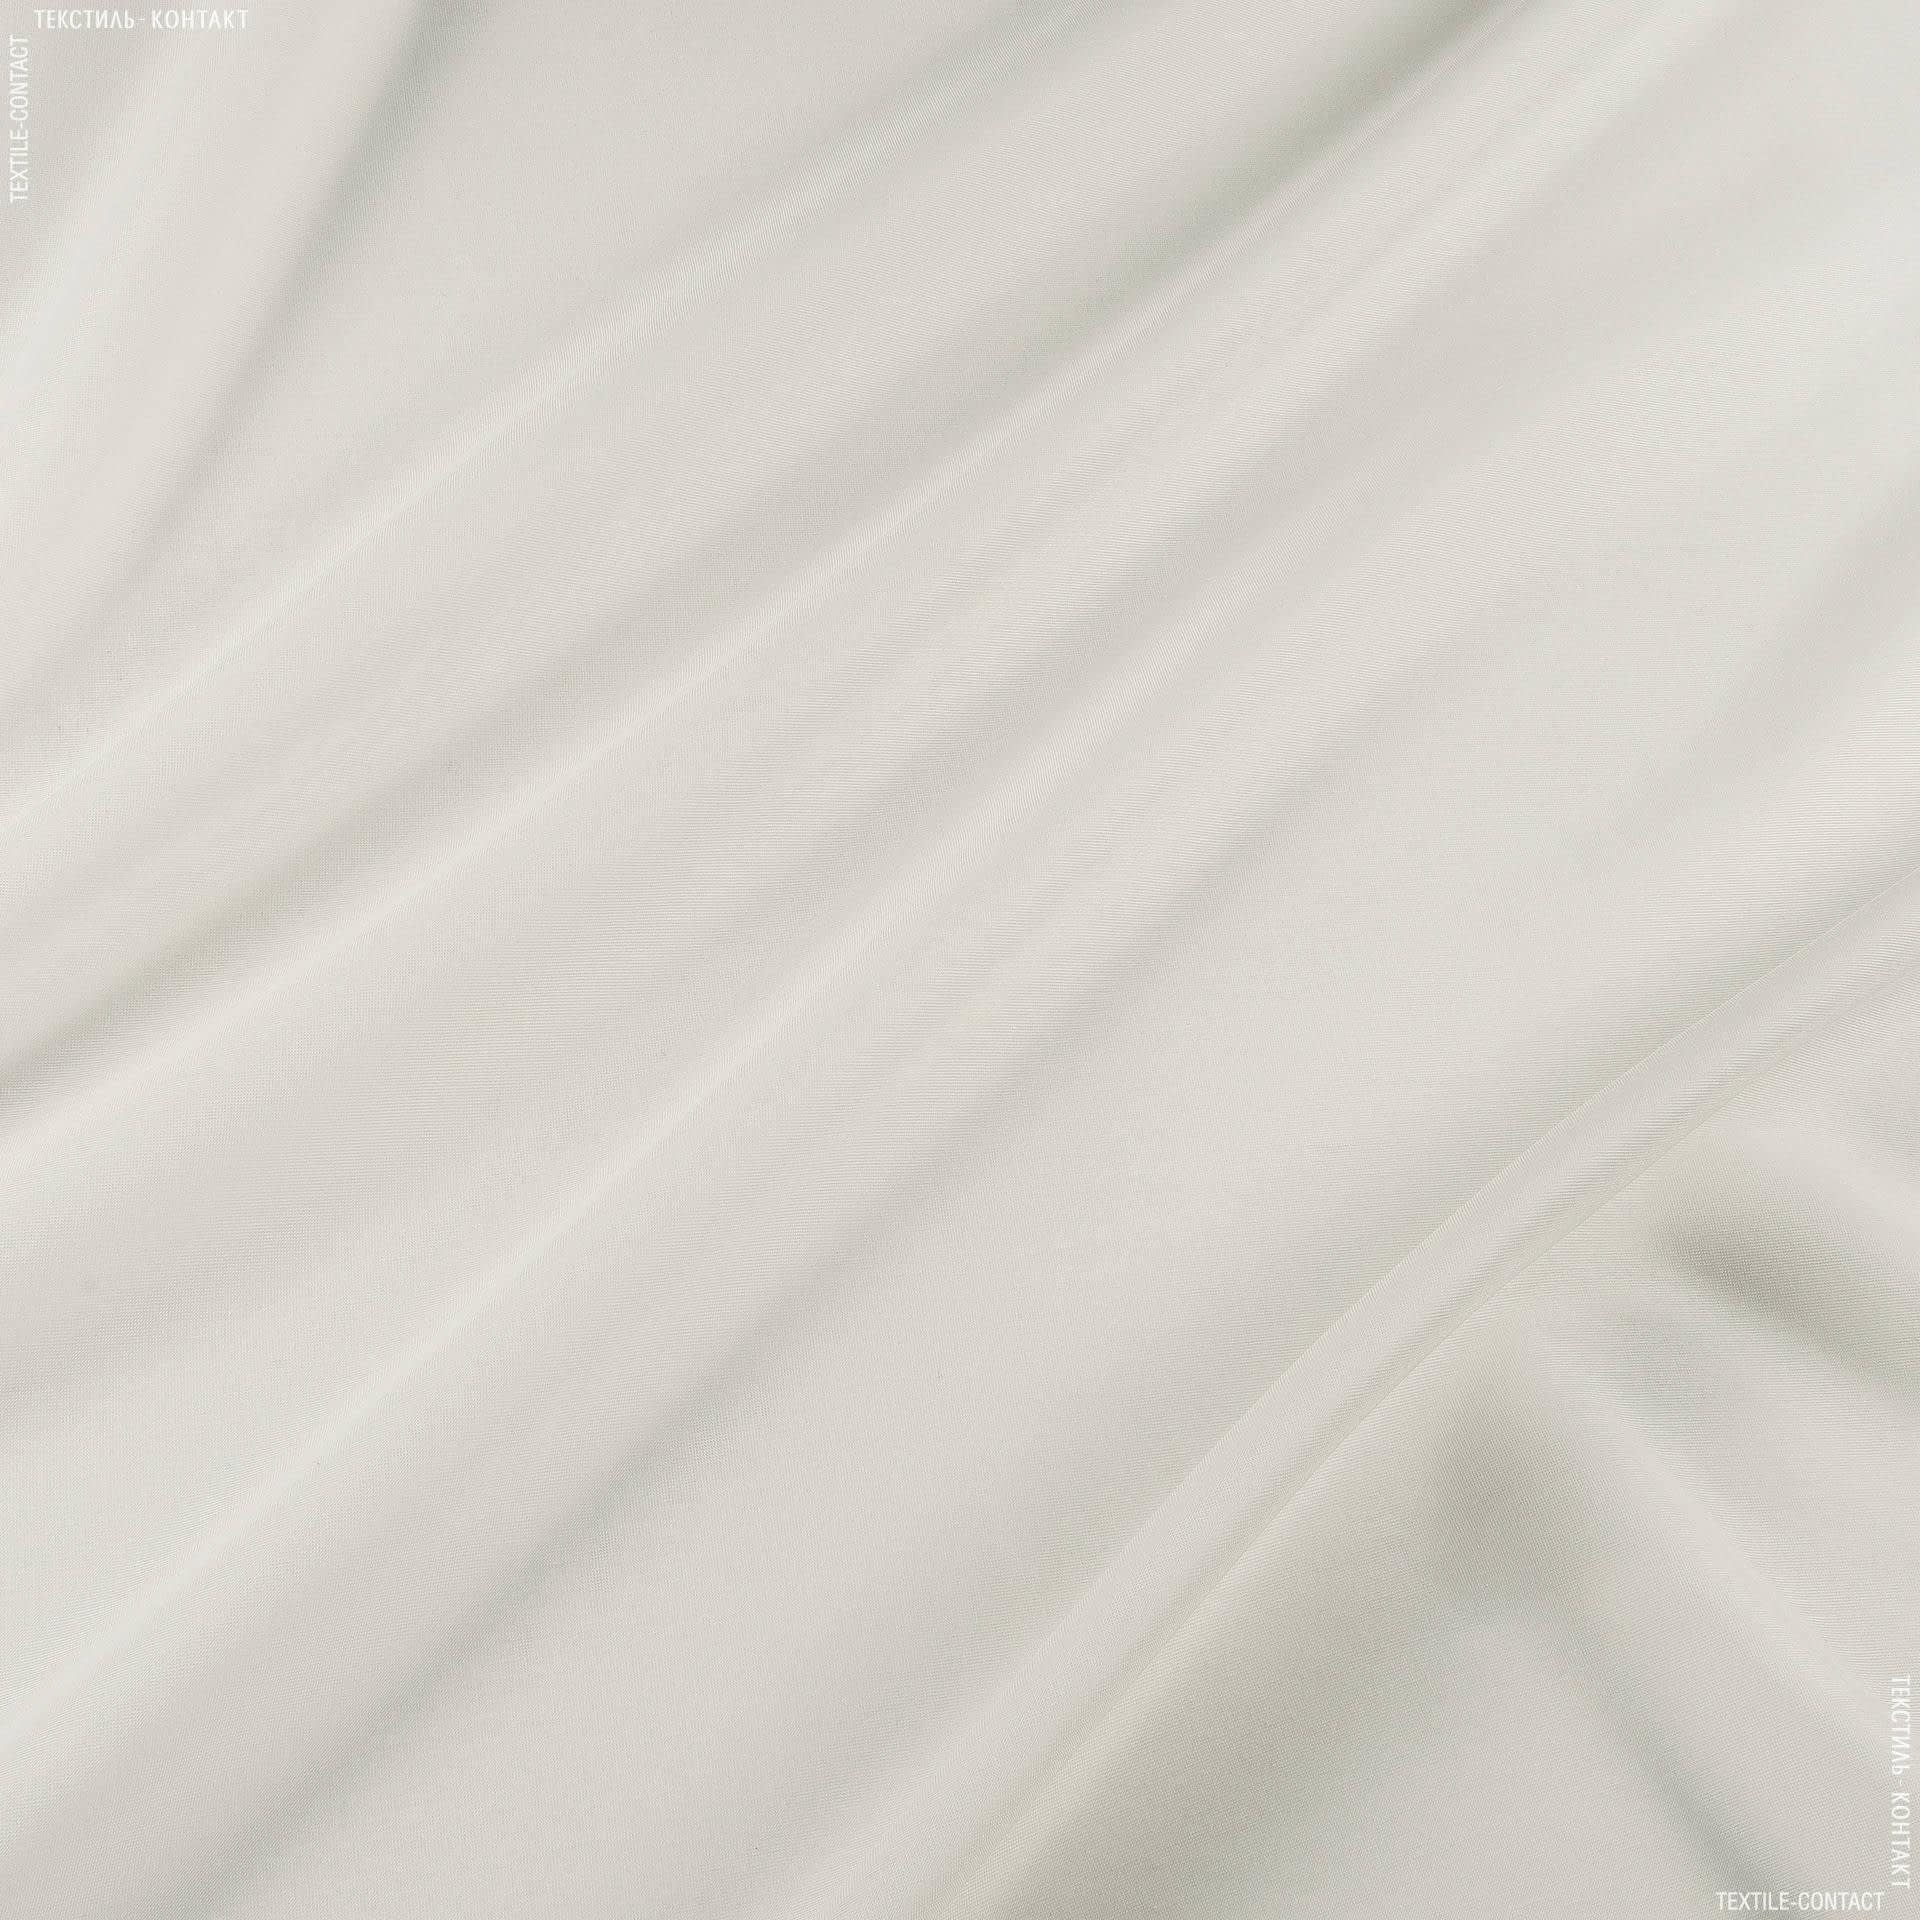 Ткани гардинные ткани - Тюль с утяжелителем  батист арм/arm  крем